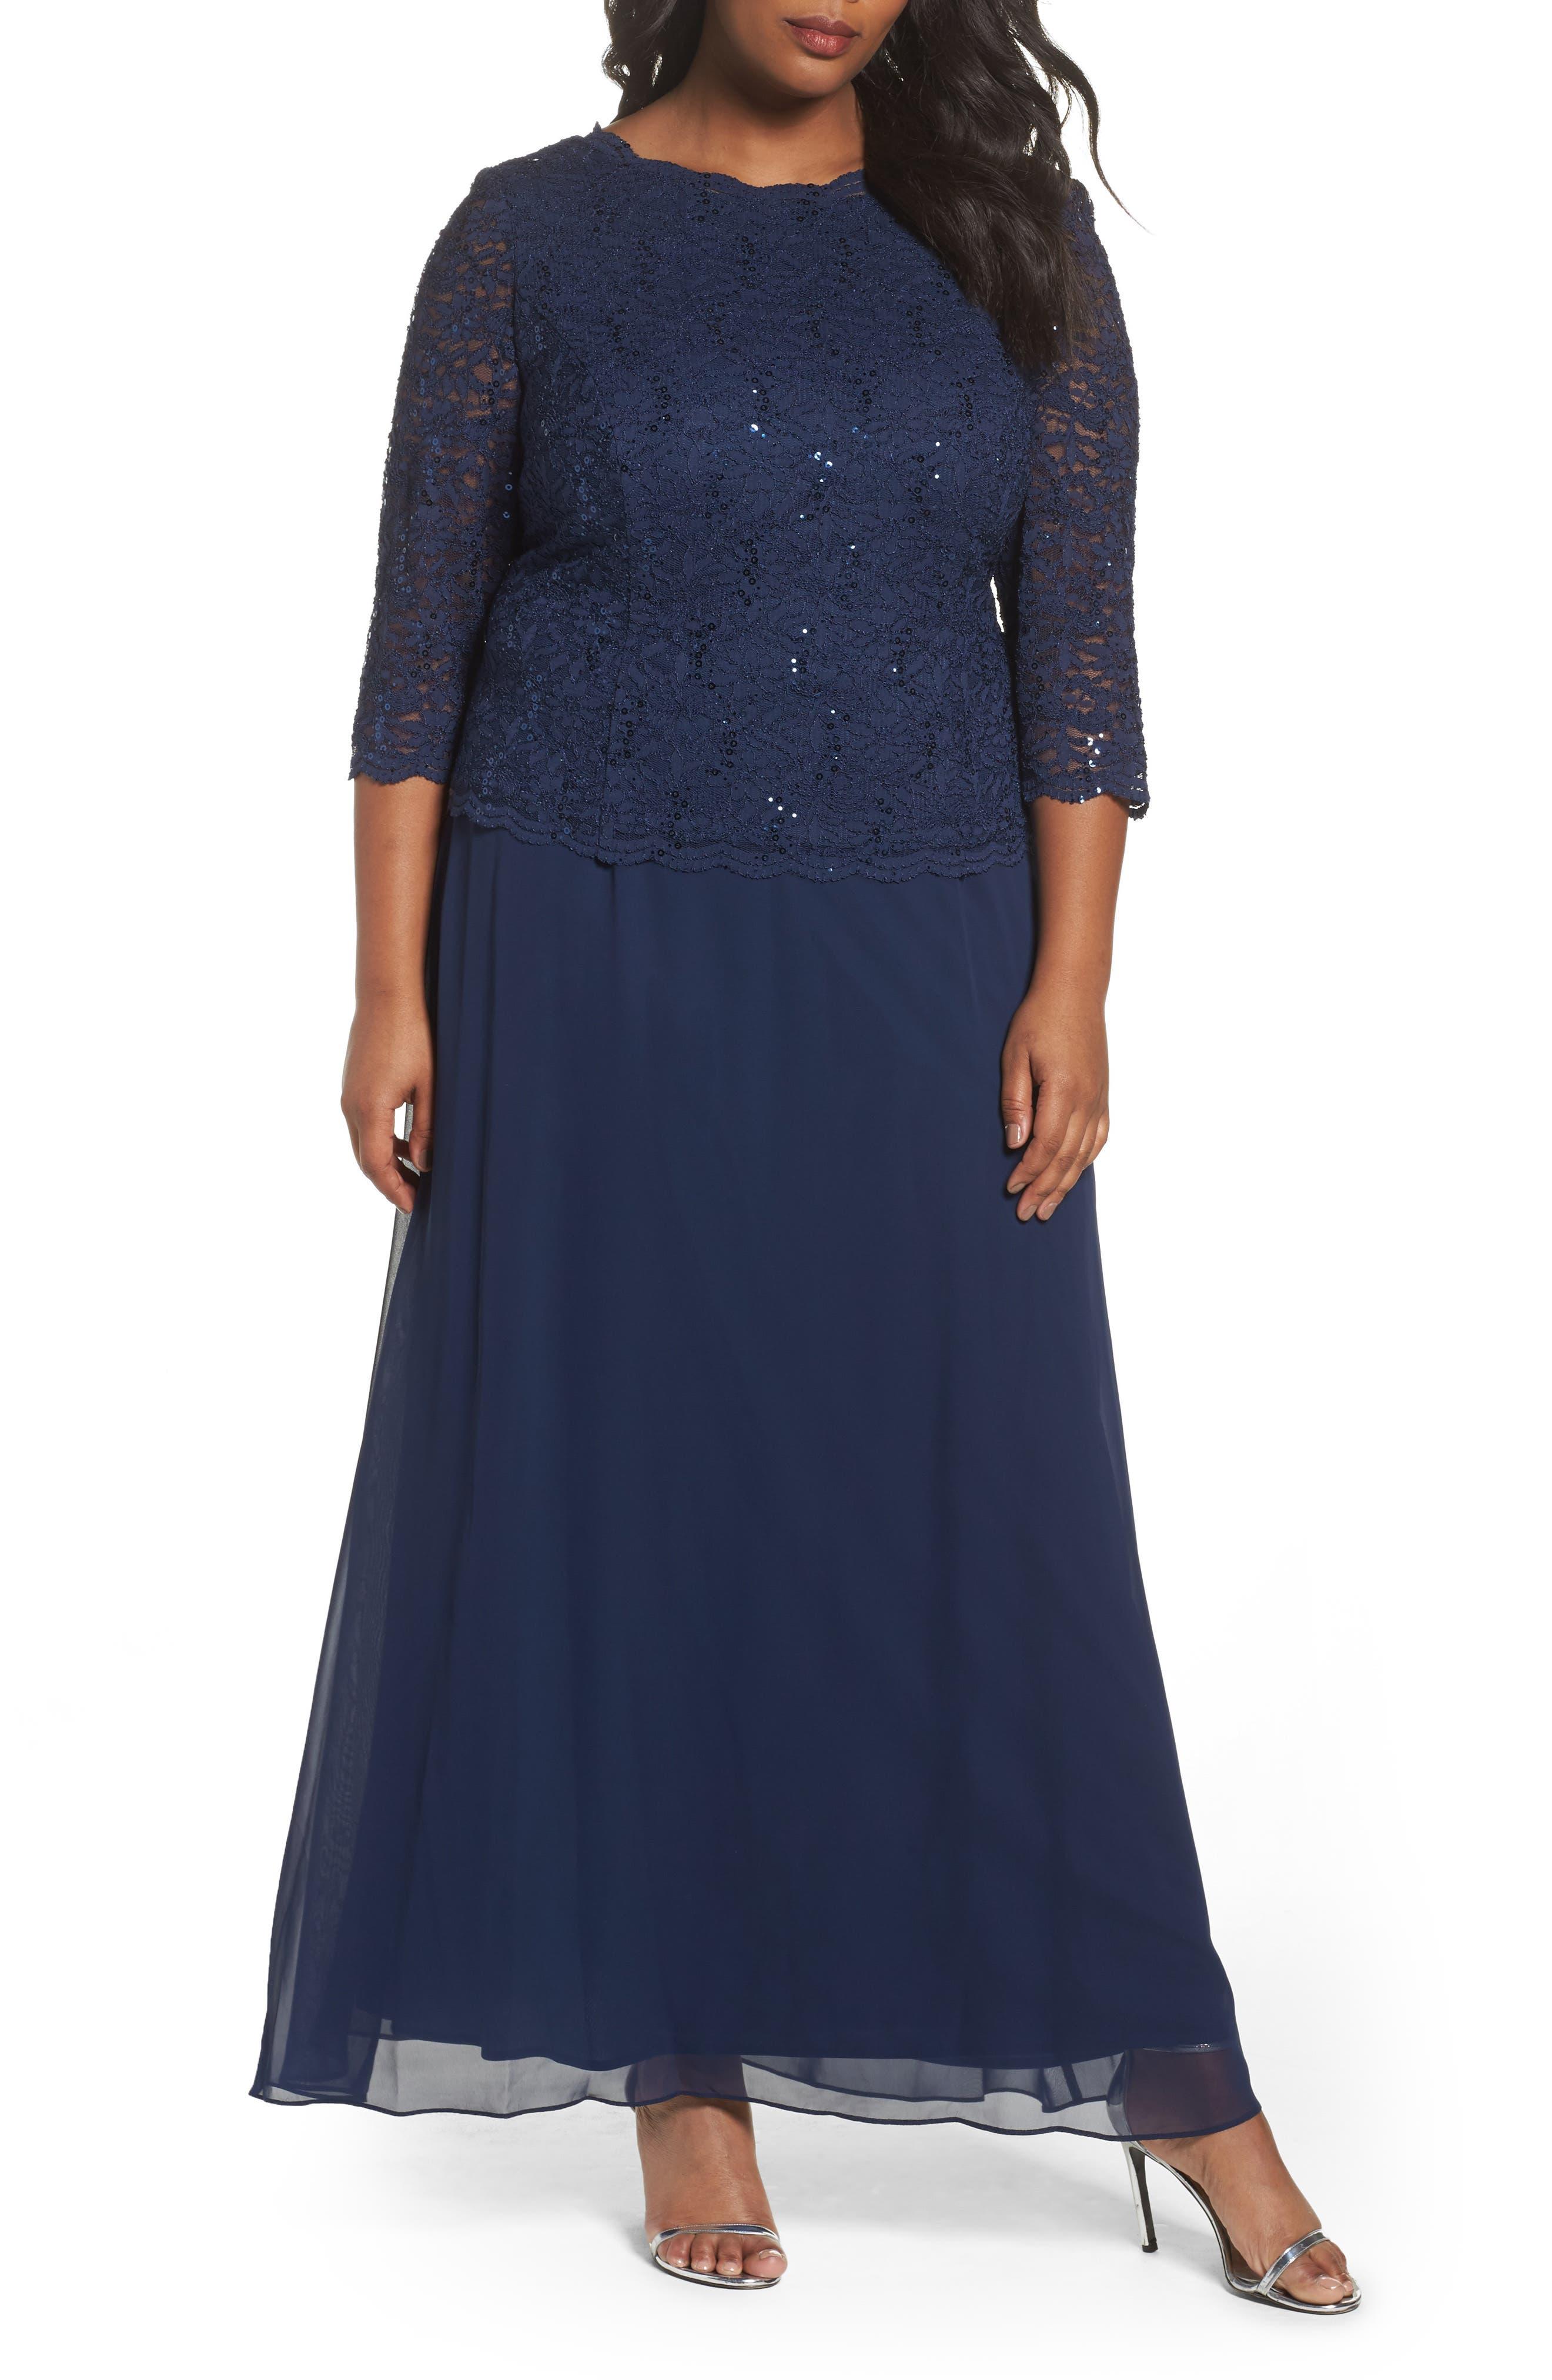 Long Evening Plus Size Dresses